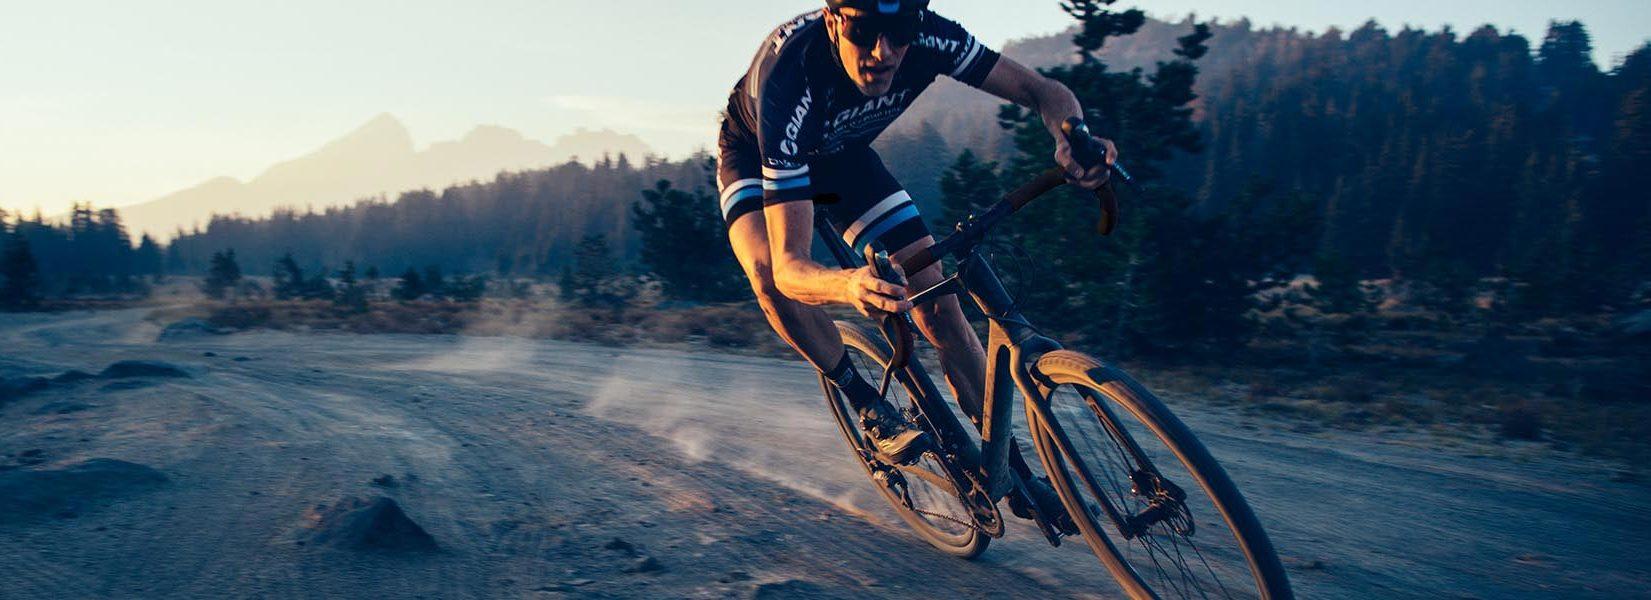 vendita e riparazione bici da corsa, mtb, gravel, ebike - bici elettriche a pedalata assistita - dei marchi Giant e Parkpre a Pinerolo Torino, Piemonte